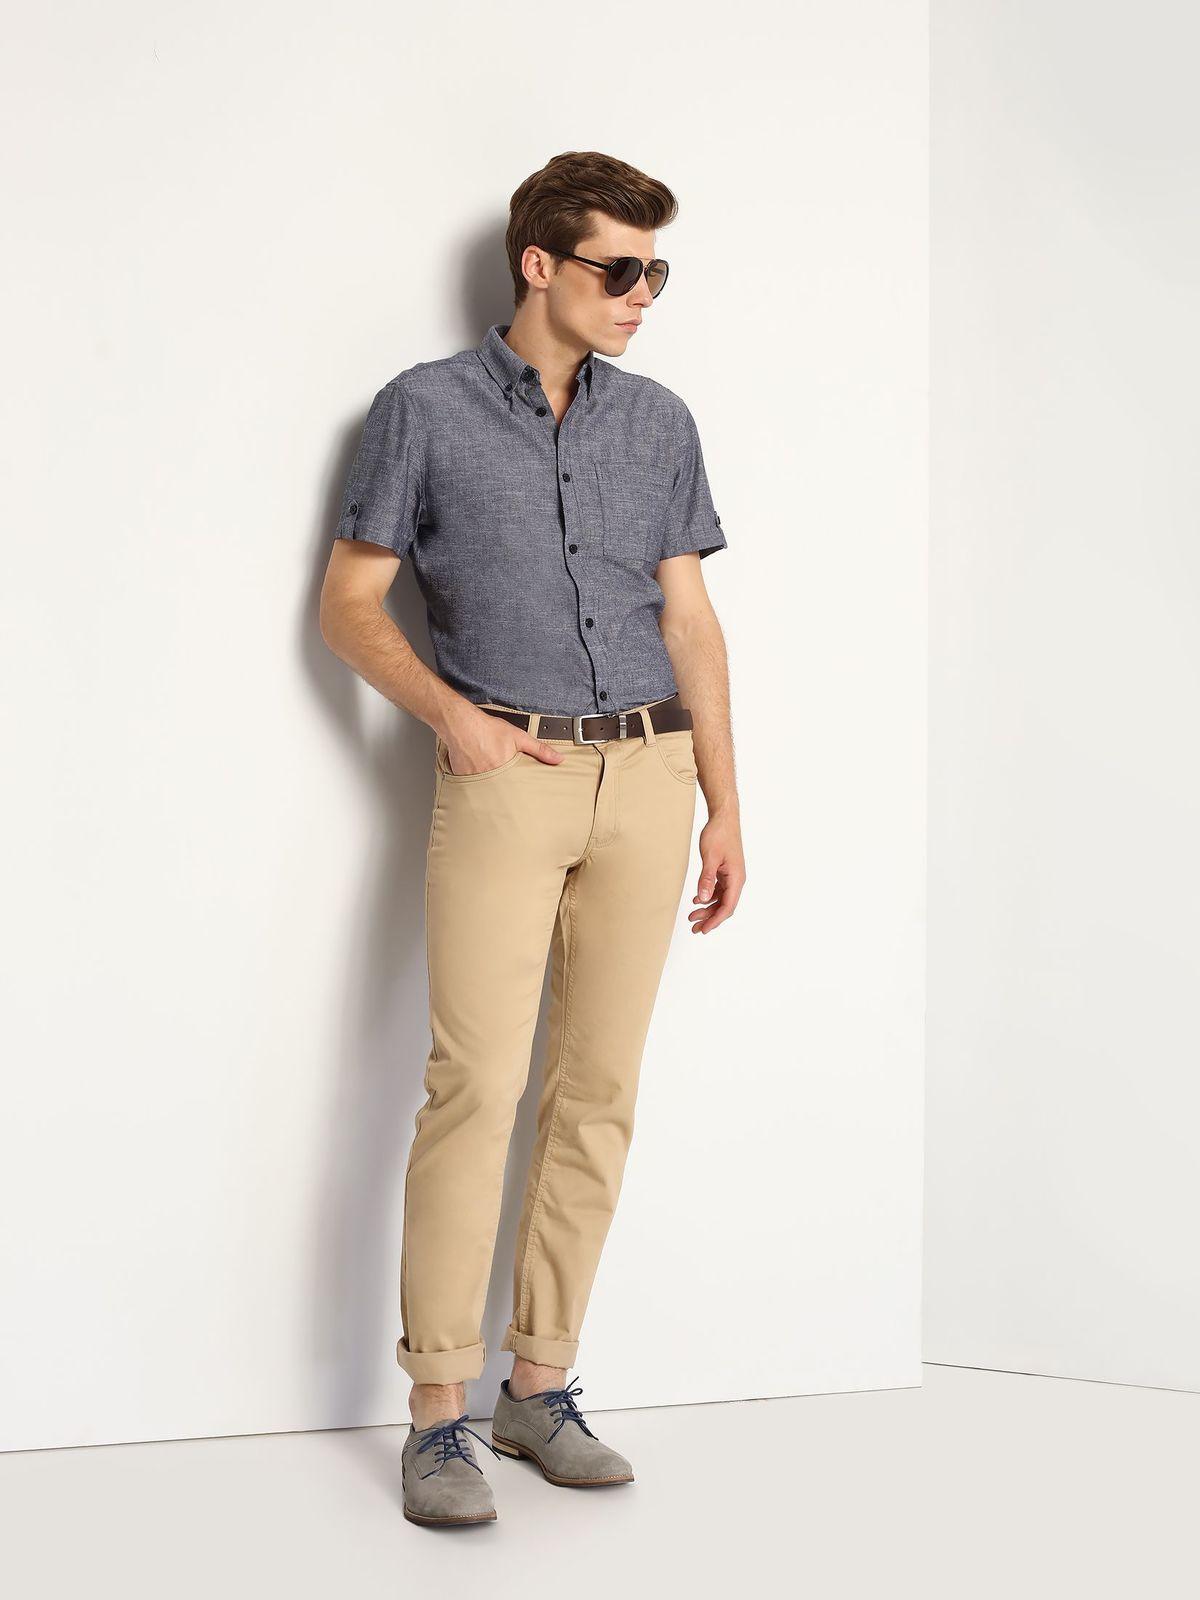 SKS0905GRМужская рубашка Top Secret выполнена из натурального хлопка. Модель полуприлегающего кроя имеет отложной воротник и короткие рукава. Застегивается изделие на пуговицы по всей длине. Низ рукавов дополнен хлястиками на пуговицах. На груди расположен накладной карман.